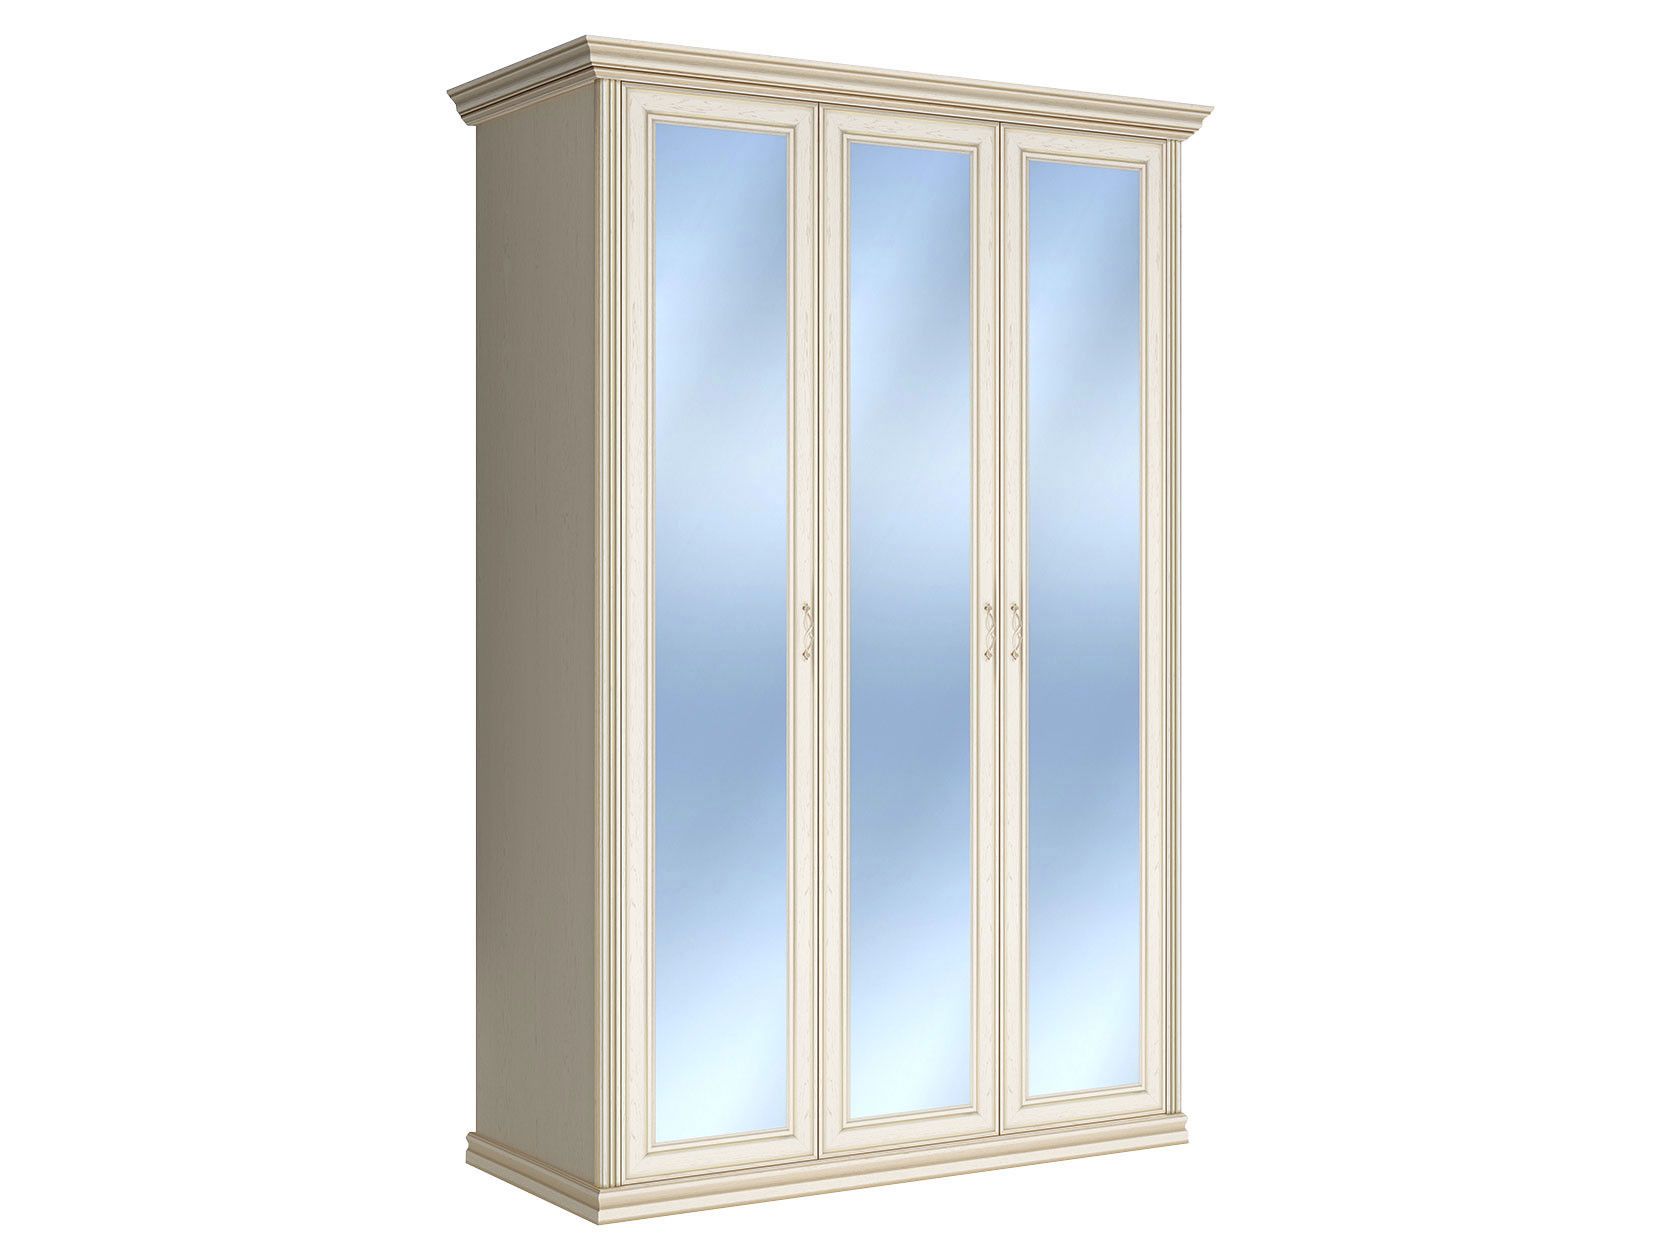 Распашной шкаф Первый Мебельный Шкаф 3-х дверный с зеркалами Венето недорого